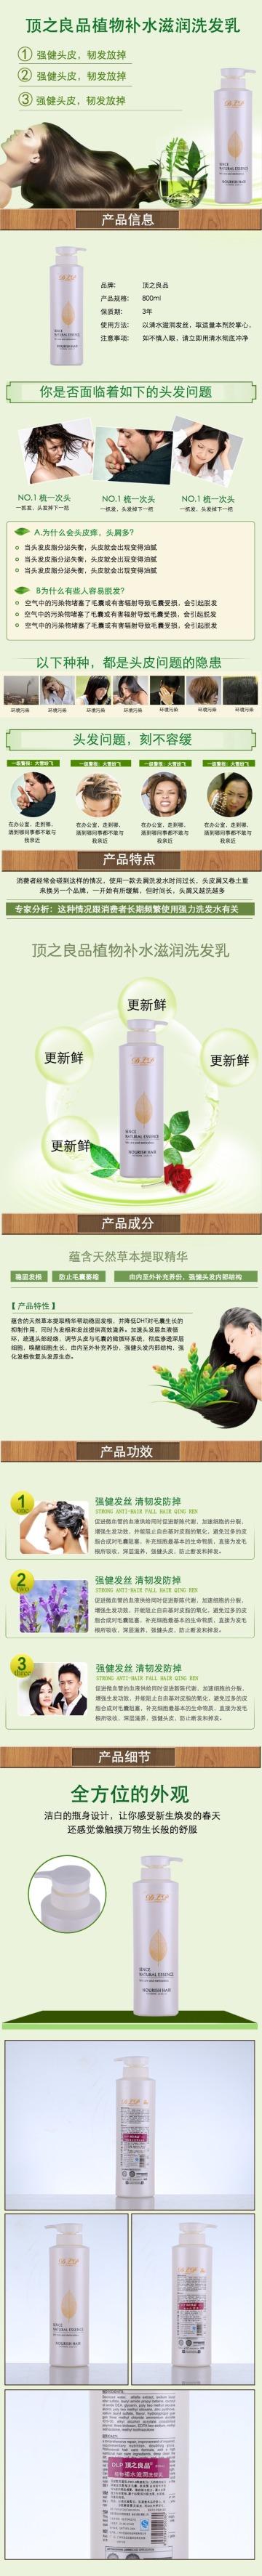 自然清新植物补水滋润洗发乳电商详情图